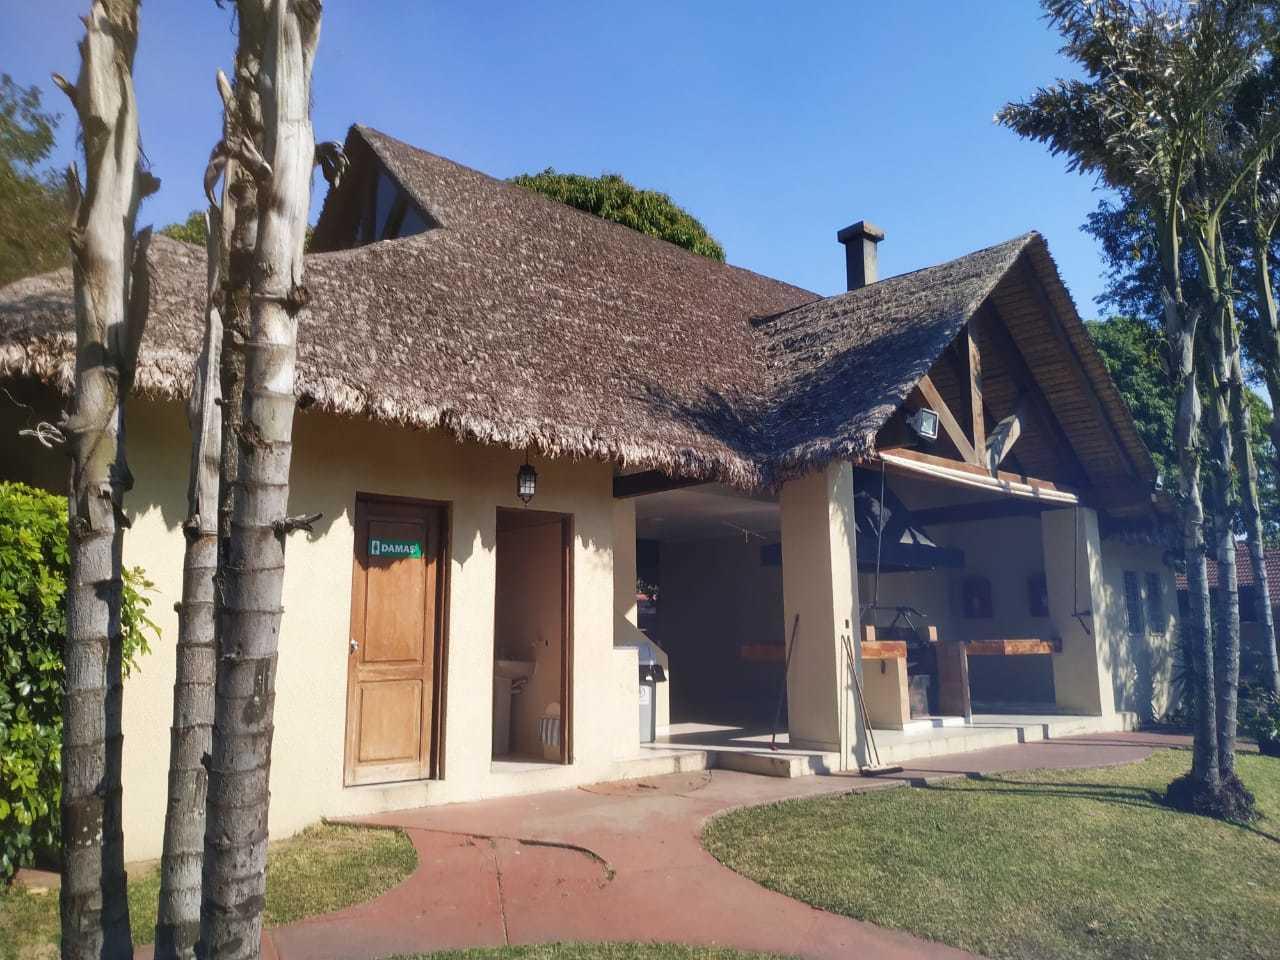 Casa en Alquiler COND LOS BOSQUES ENTRE 4TO  Y 5TO ANILLO RADIAL 26, CASA EN ALQUILER Foto 5